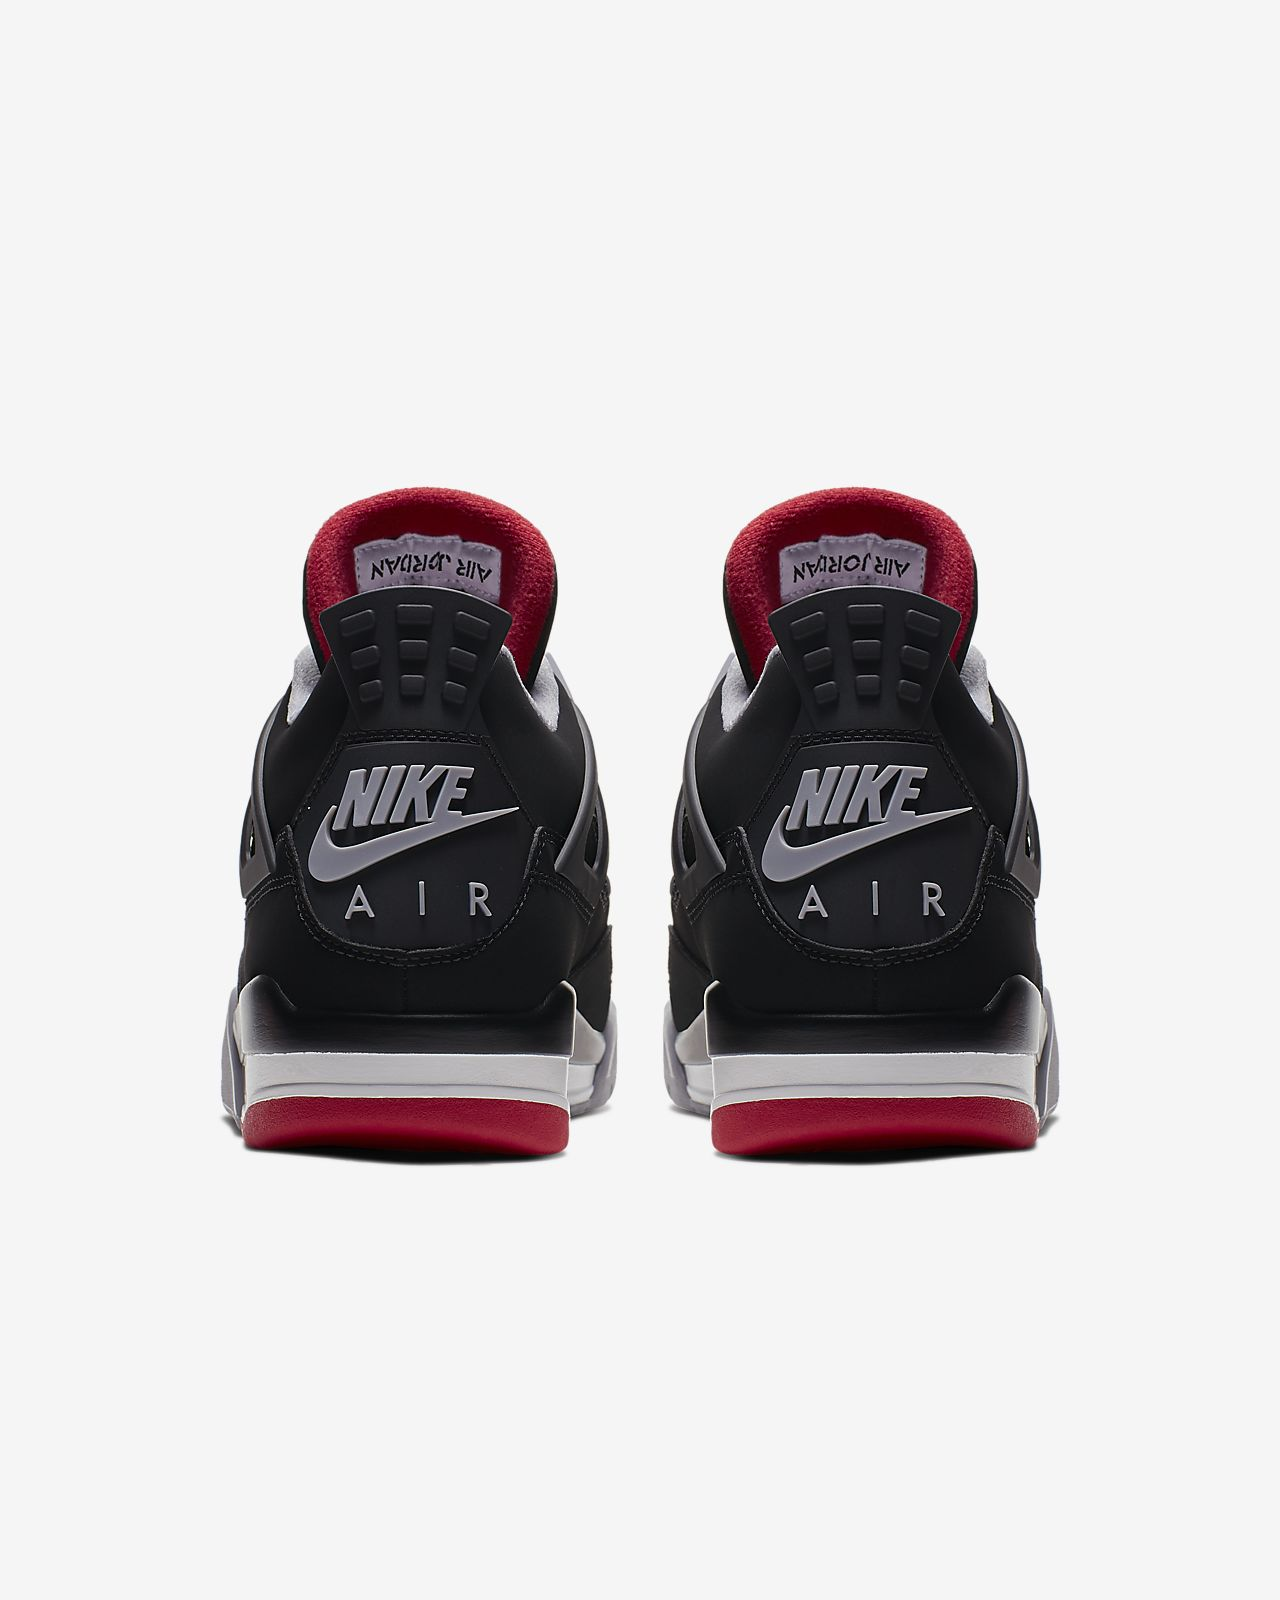 quality design b574e 163d5 ... Air Jordan 4 Retro Men s Shoe